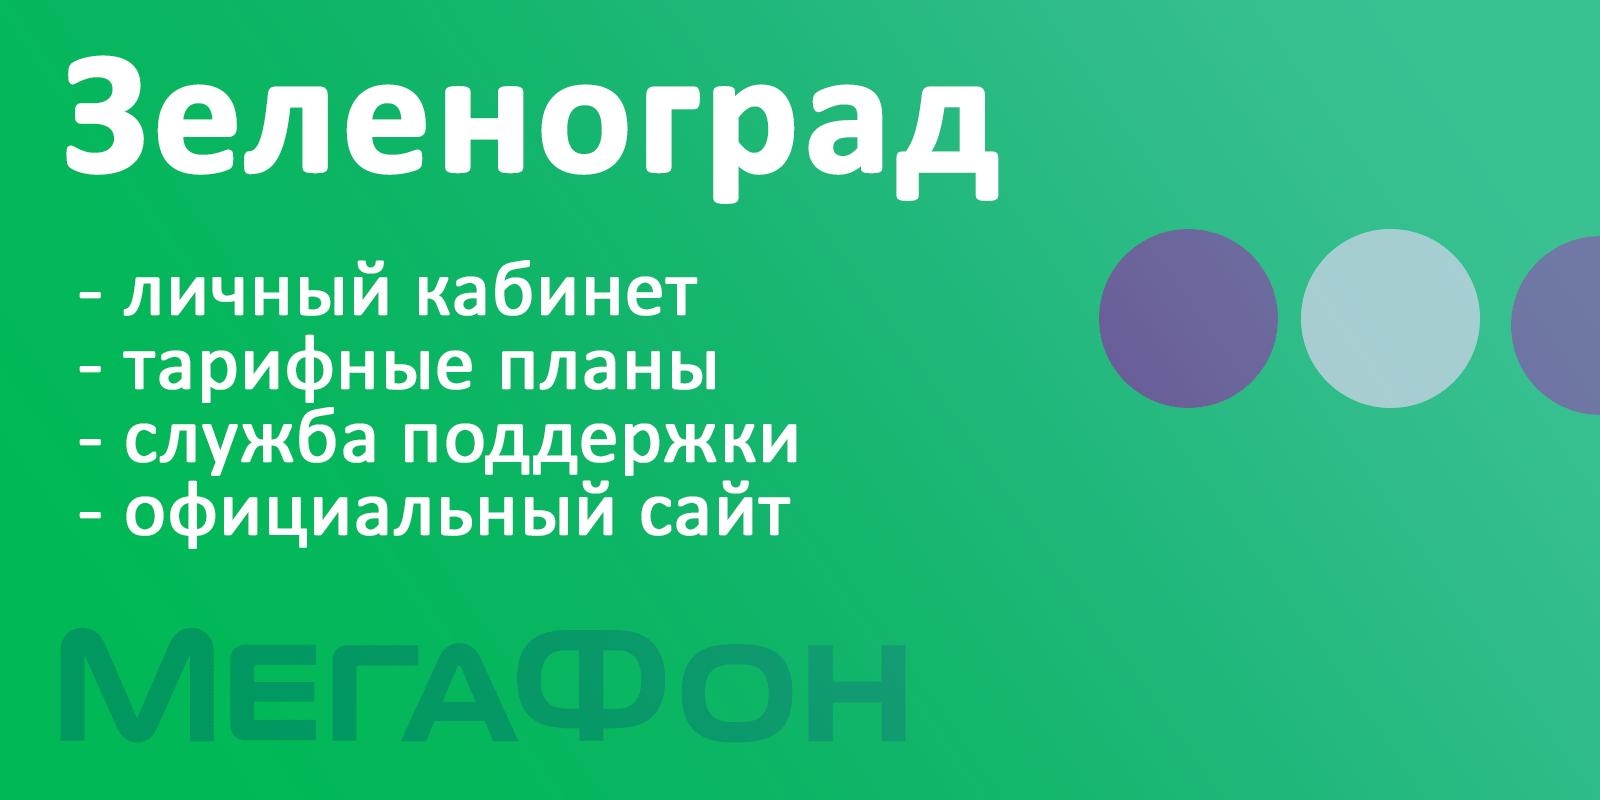 Мегафон Зеленоград - официальный сайт, личный кабинет, тарифы